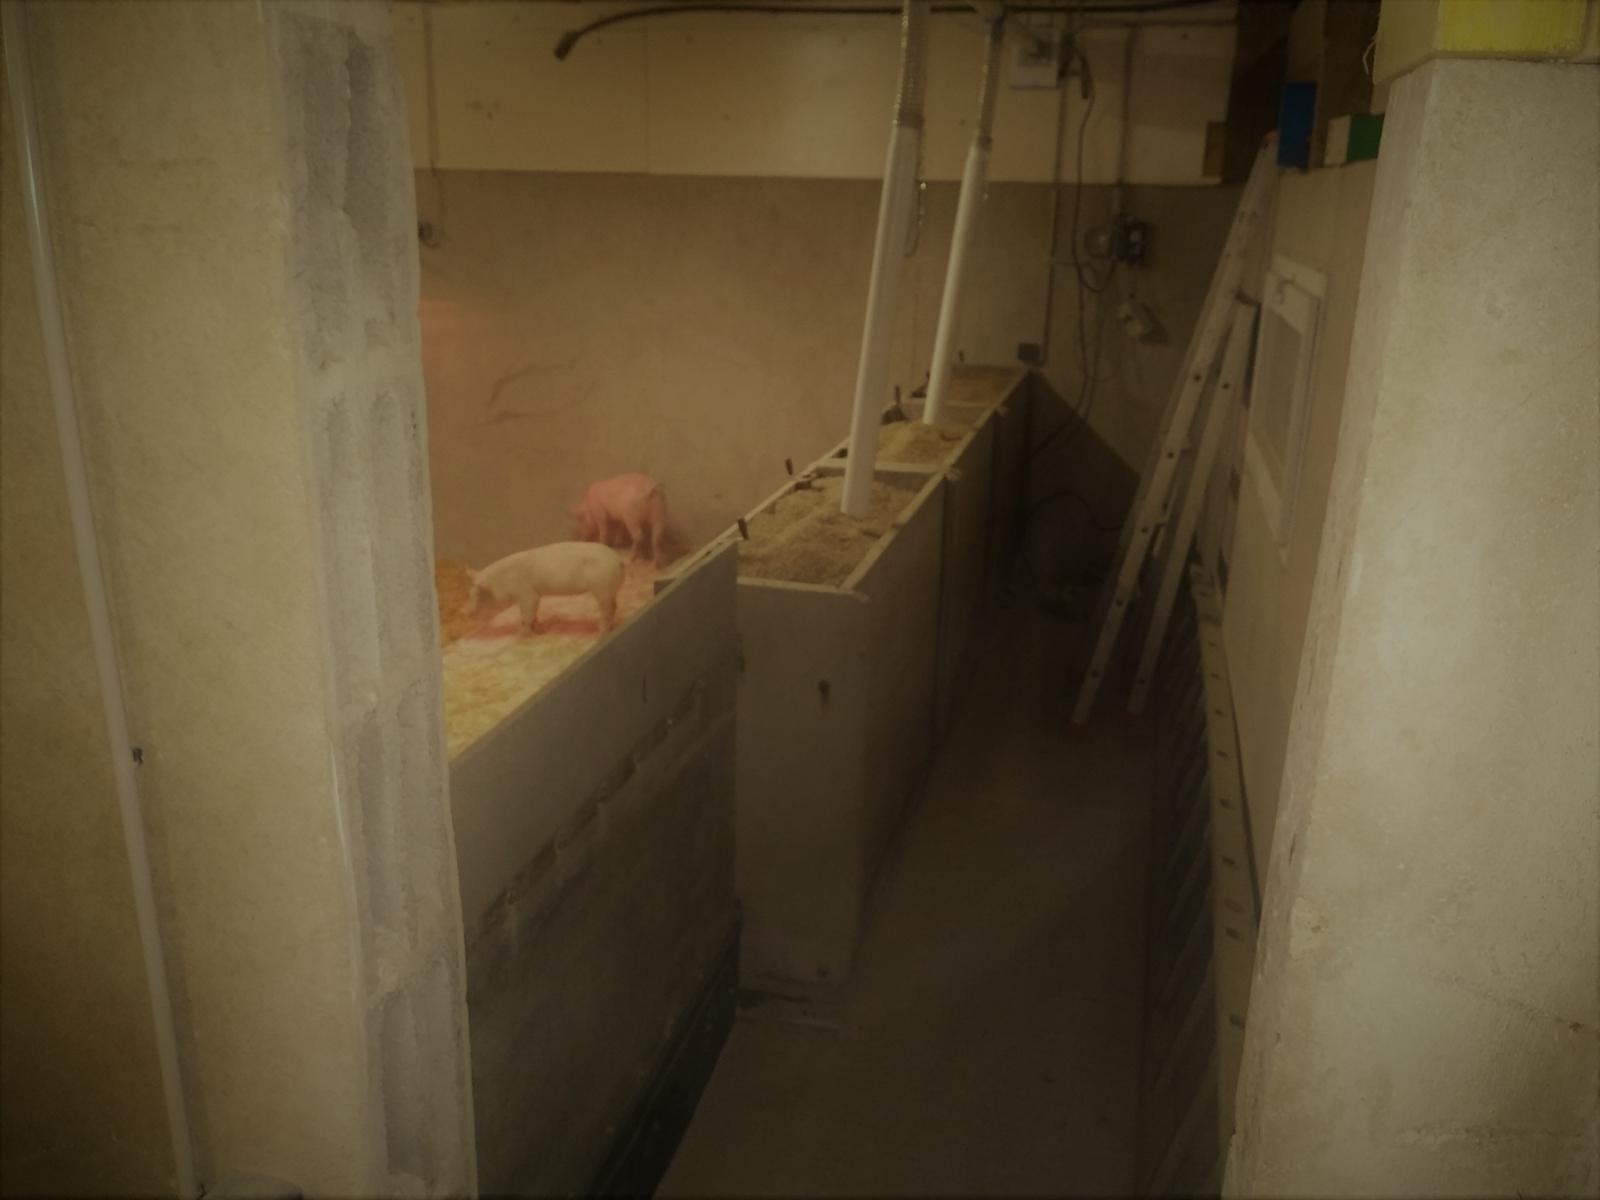 La Corbiniere Vente De Porc Mayenne Img 14